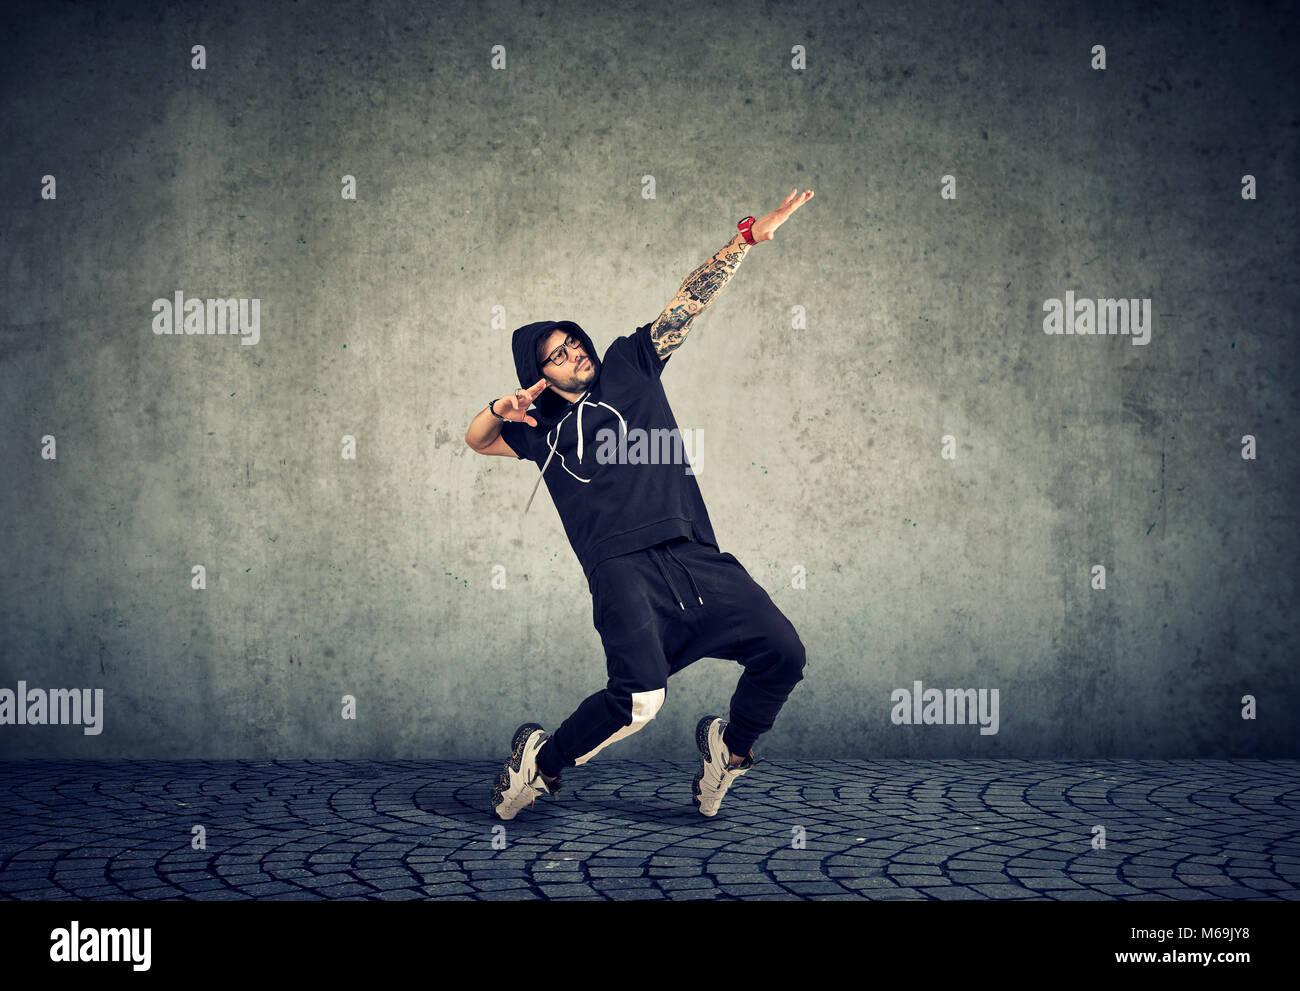 Stilvolle junger Mann in trendigen sportliche Kleidung, Street Dance mit Expression auf grauem Hintergrund. Stockbild